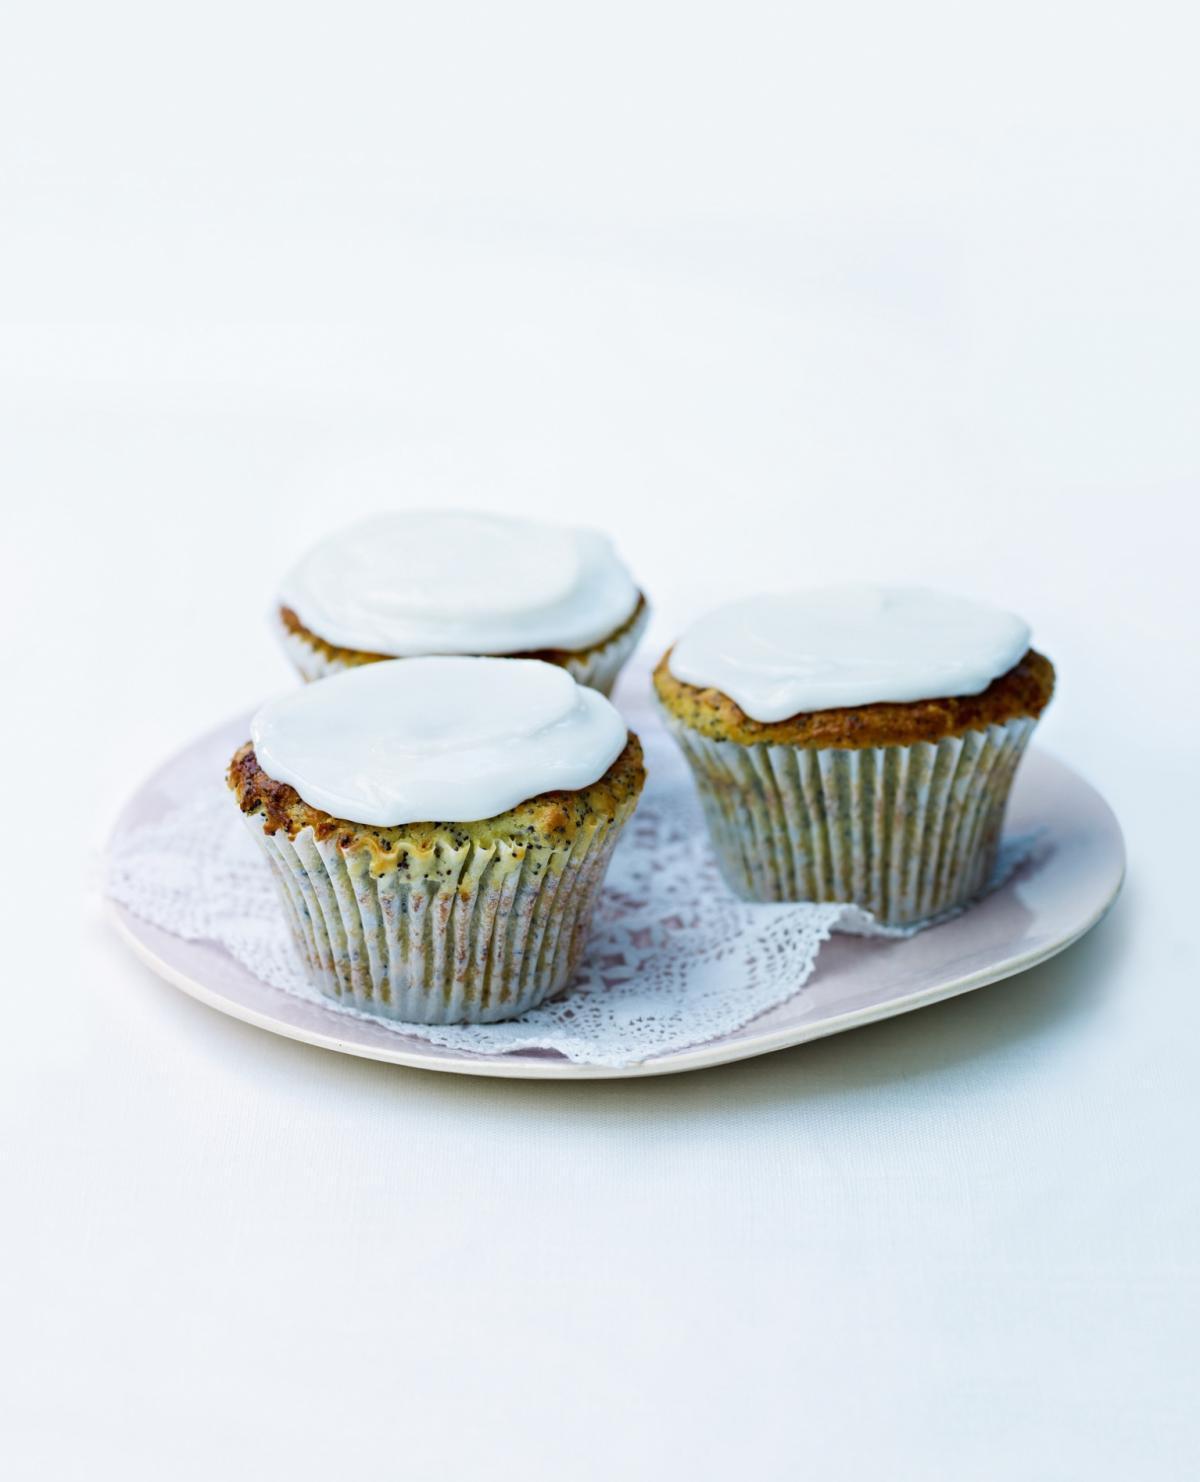 A picture of Delia's Muffin Recipes recipes